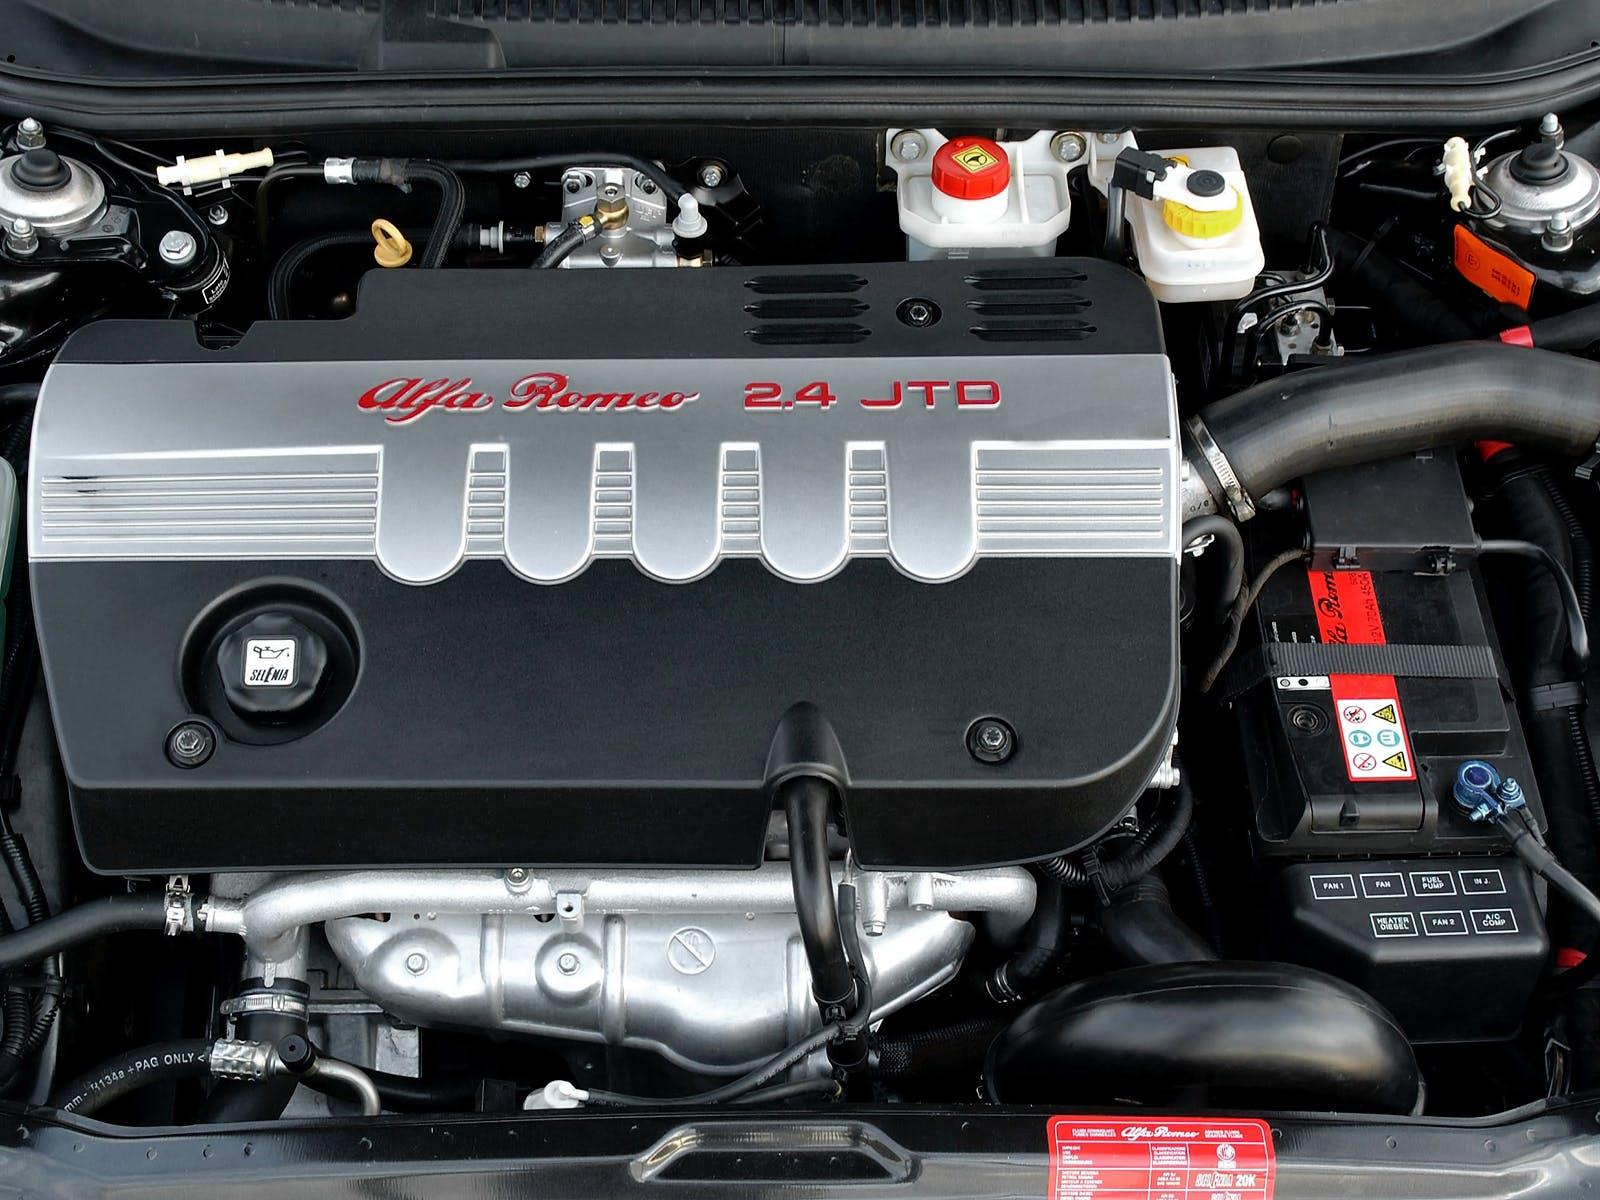 Alfa Romeo 156 motore JTD